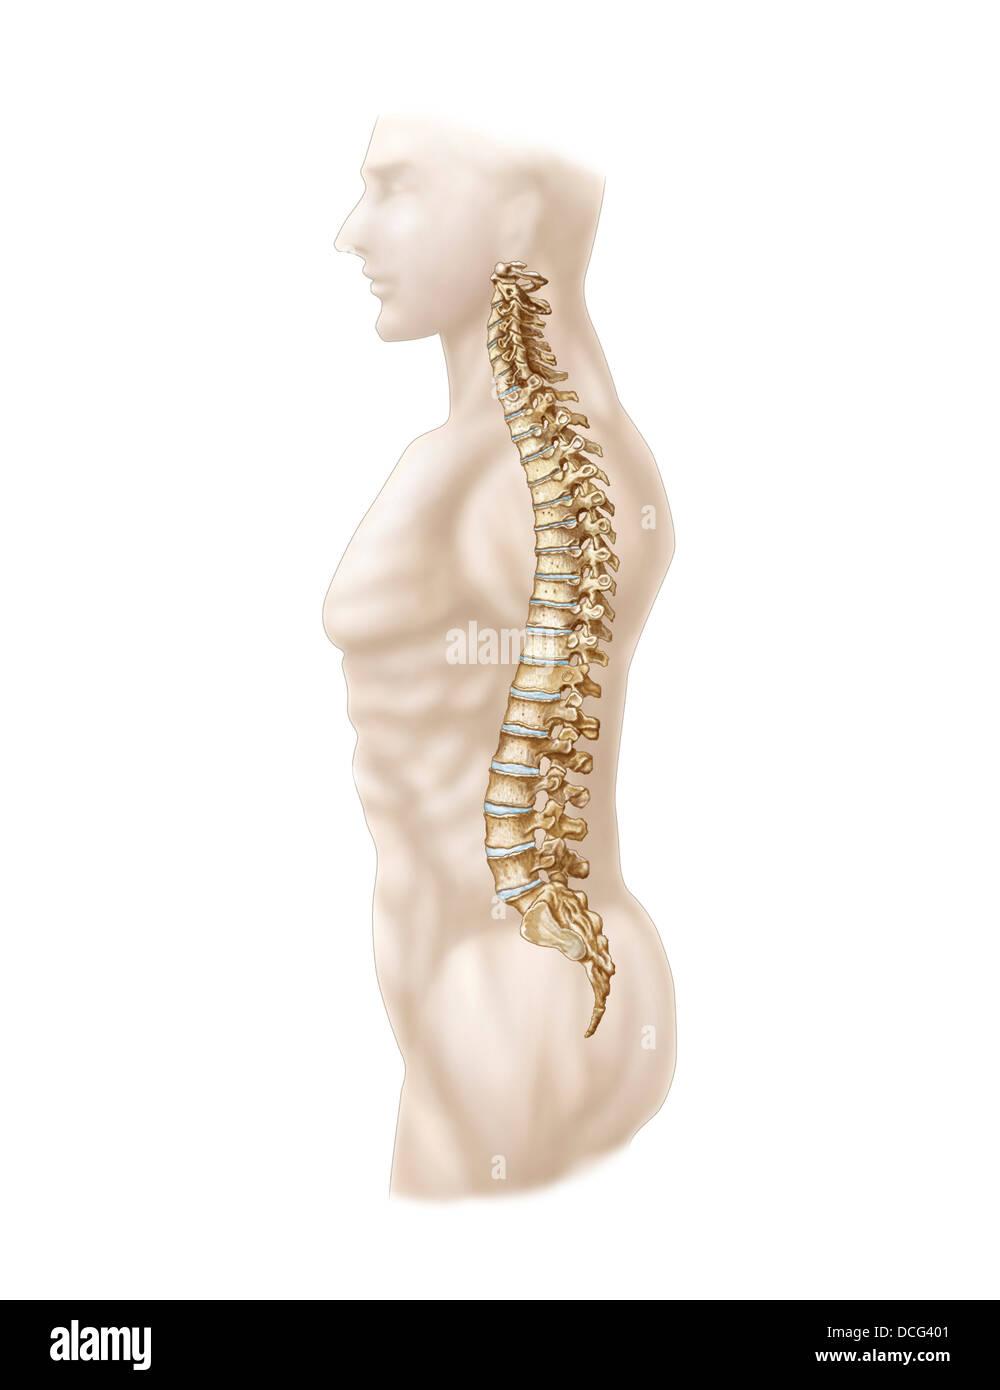 Anatomía de la columna vertebral, vista lateral izquierda. Imagen De Stock